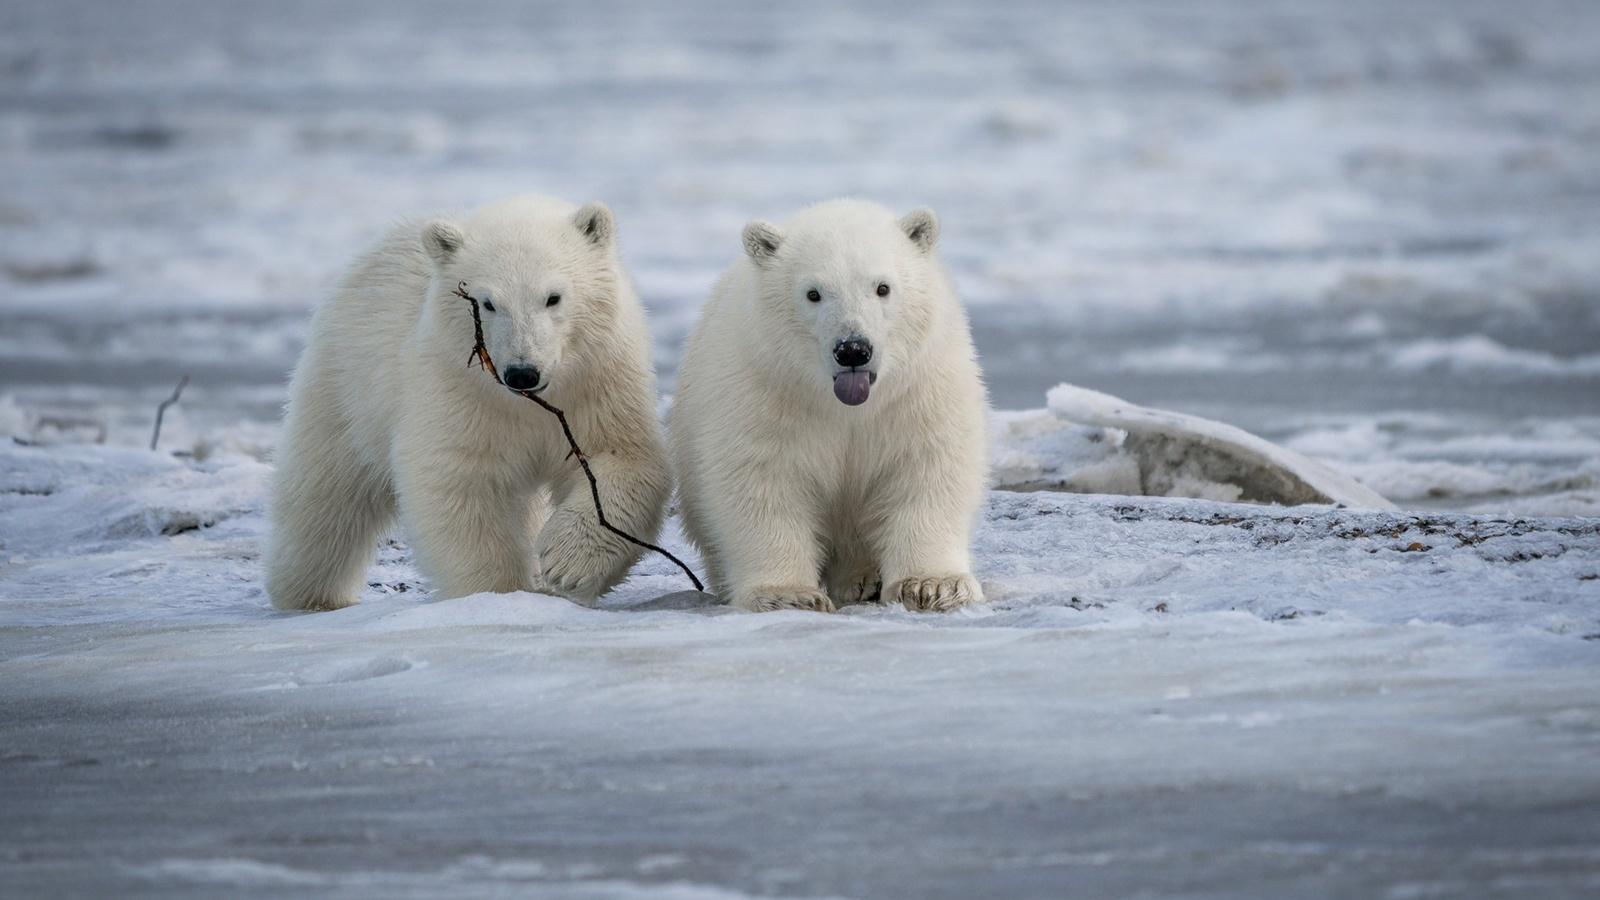 лёд, медвежата, парочка, белые медведи, полярные медведи